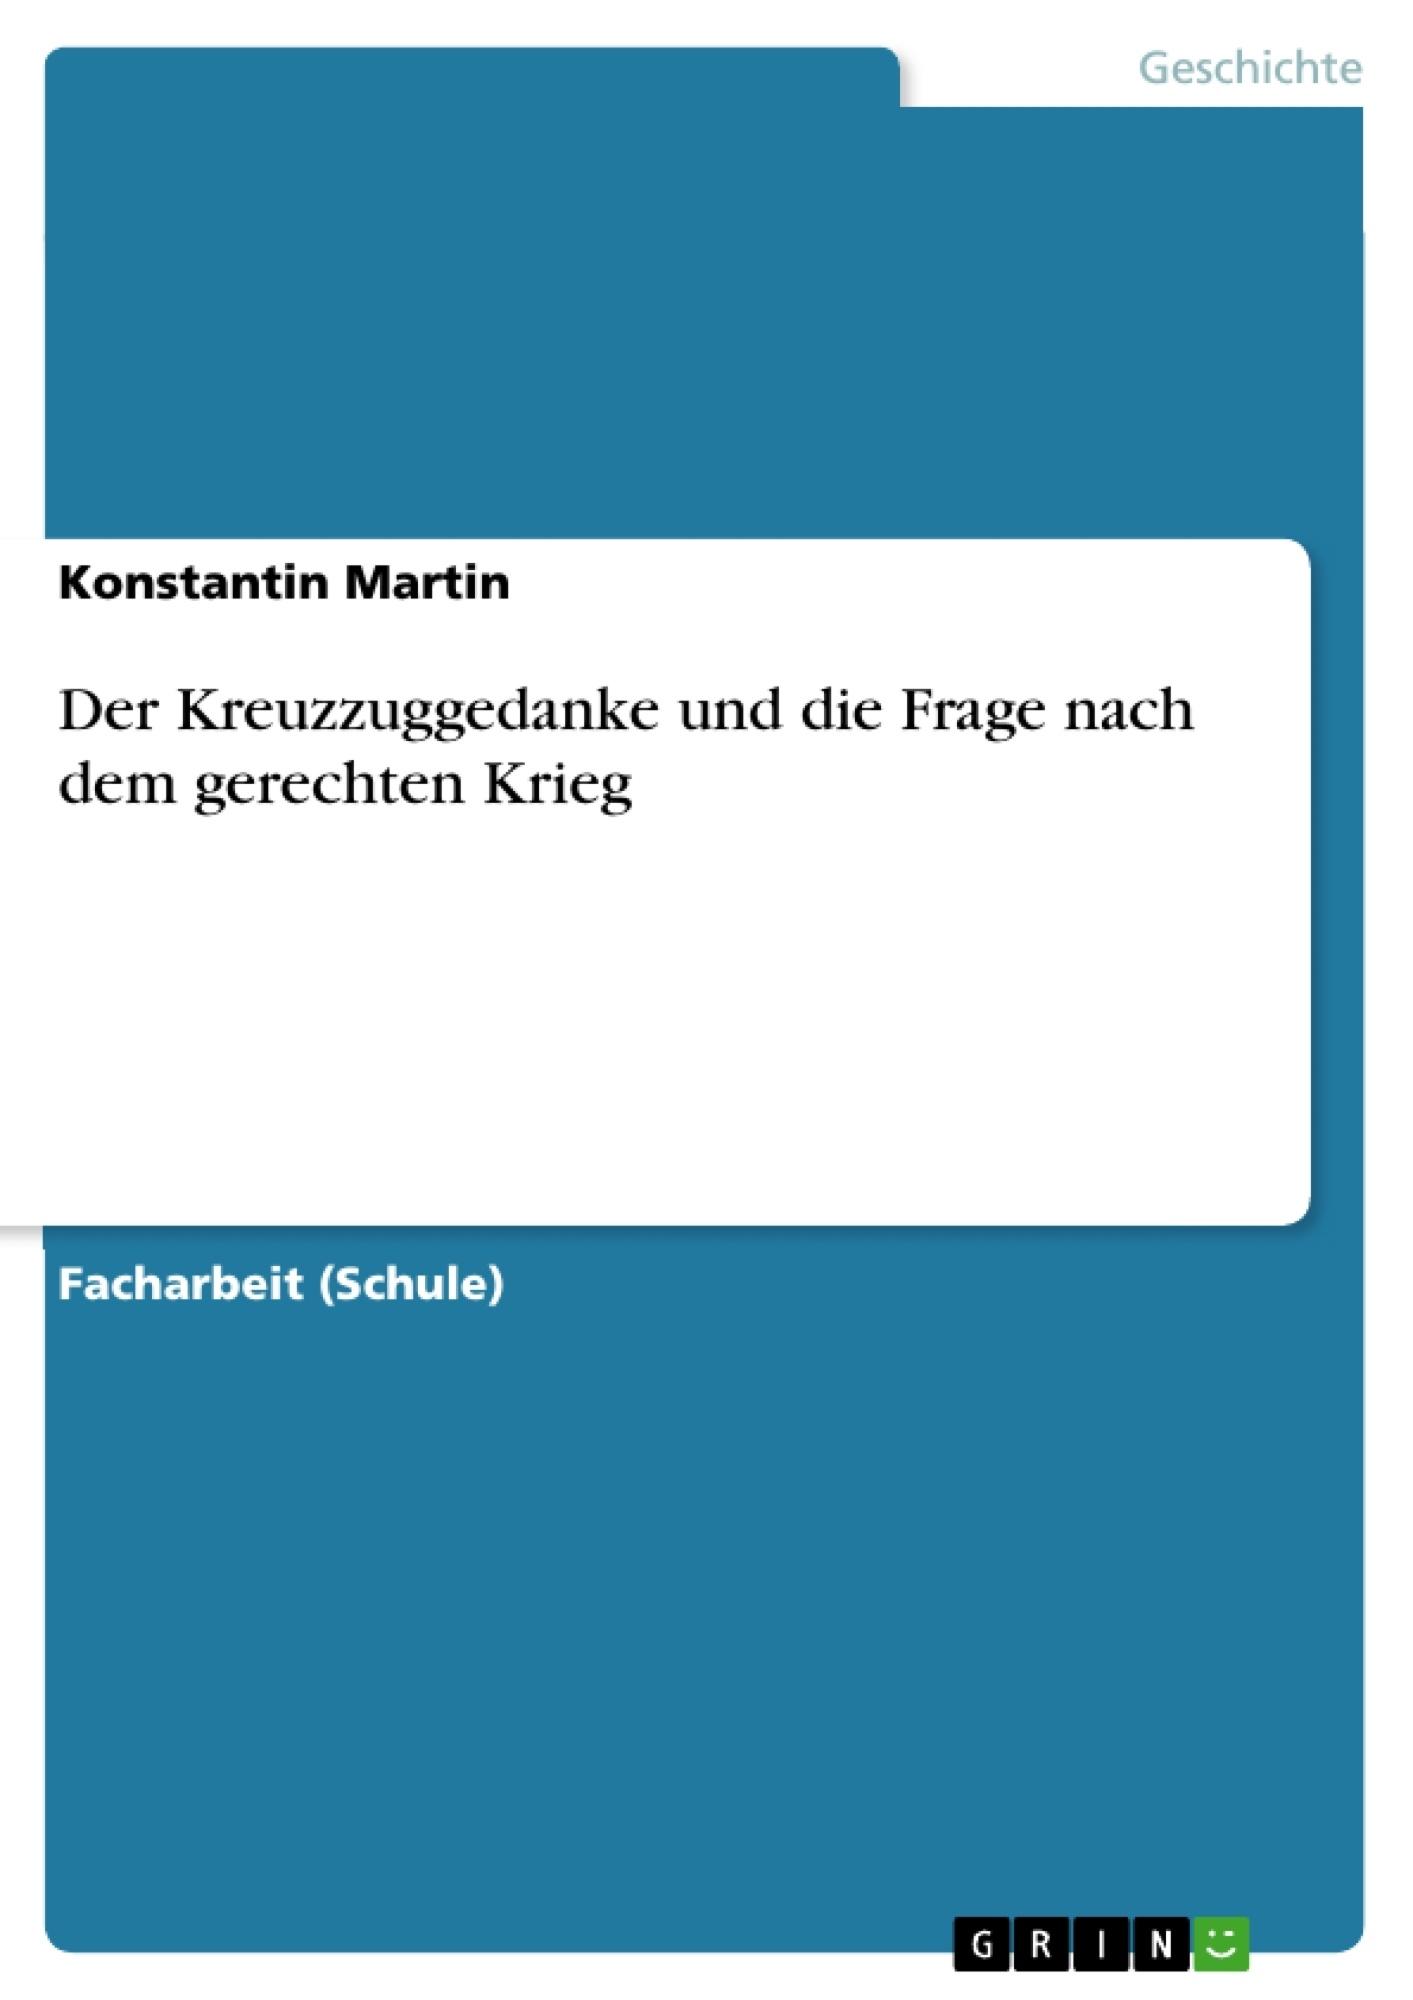 Titel: Der Kreuzzuggedanke und die Frage nach dem gerechten Krieg